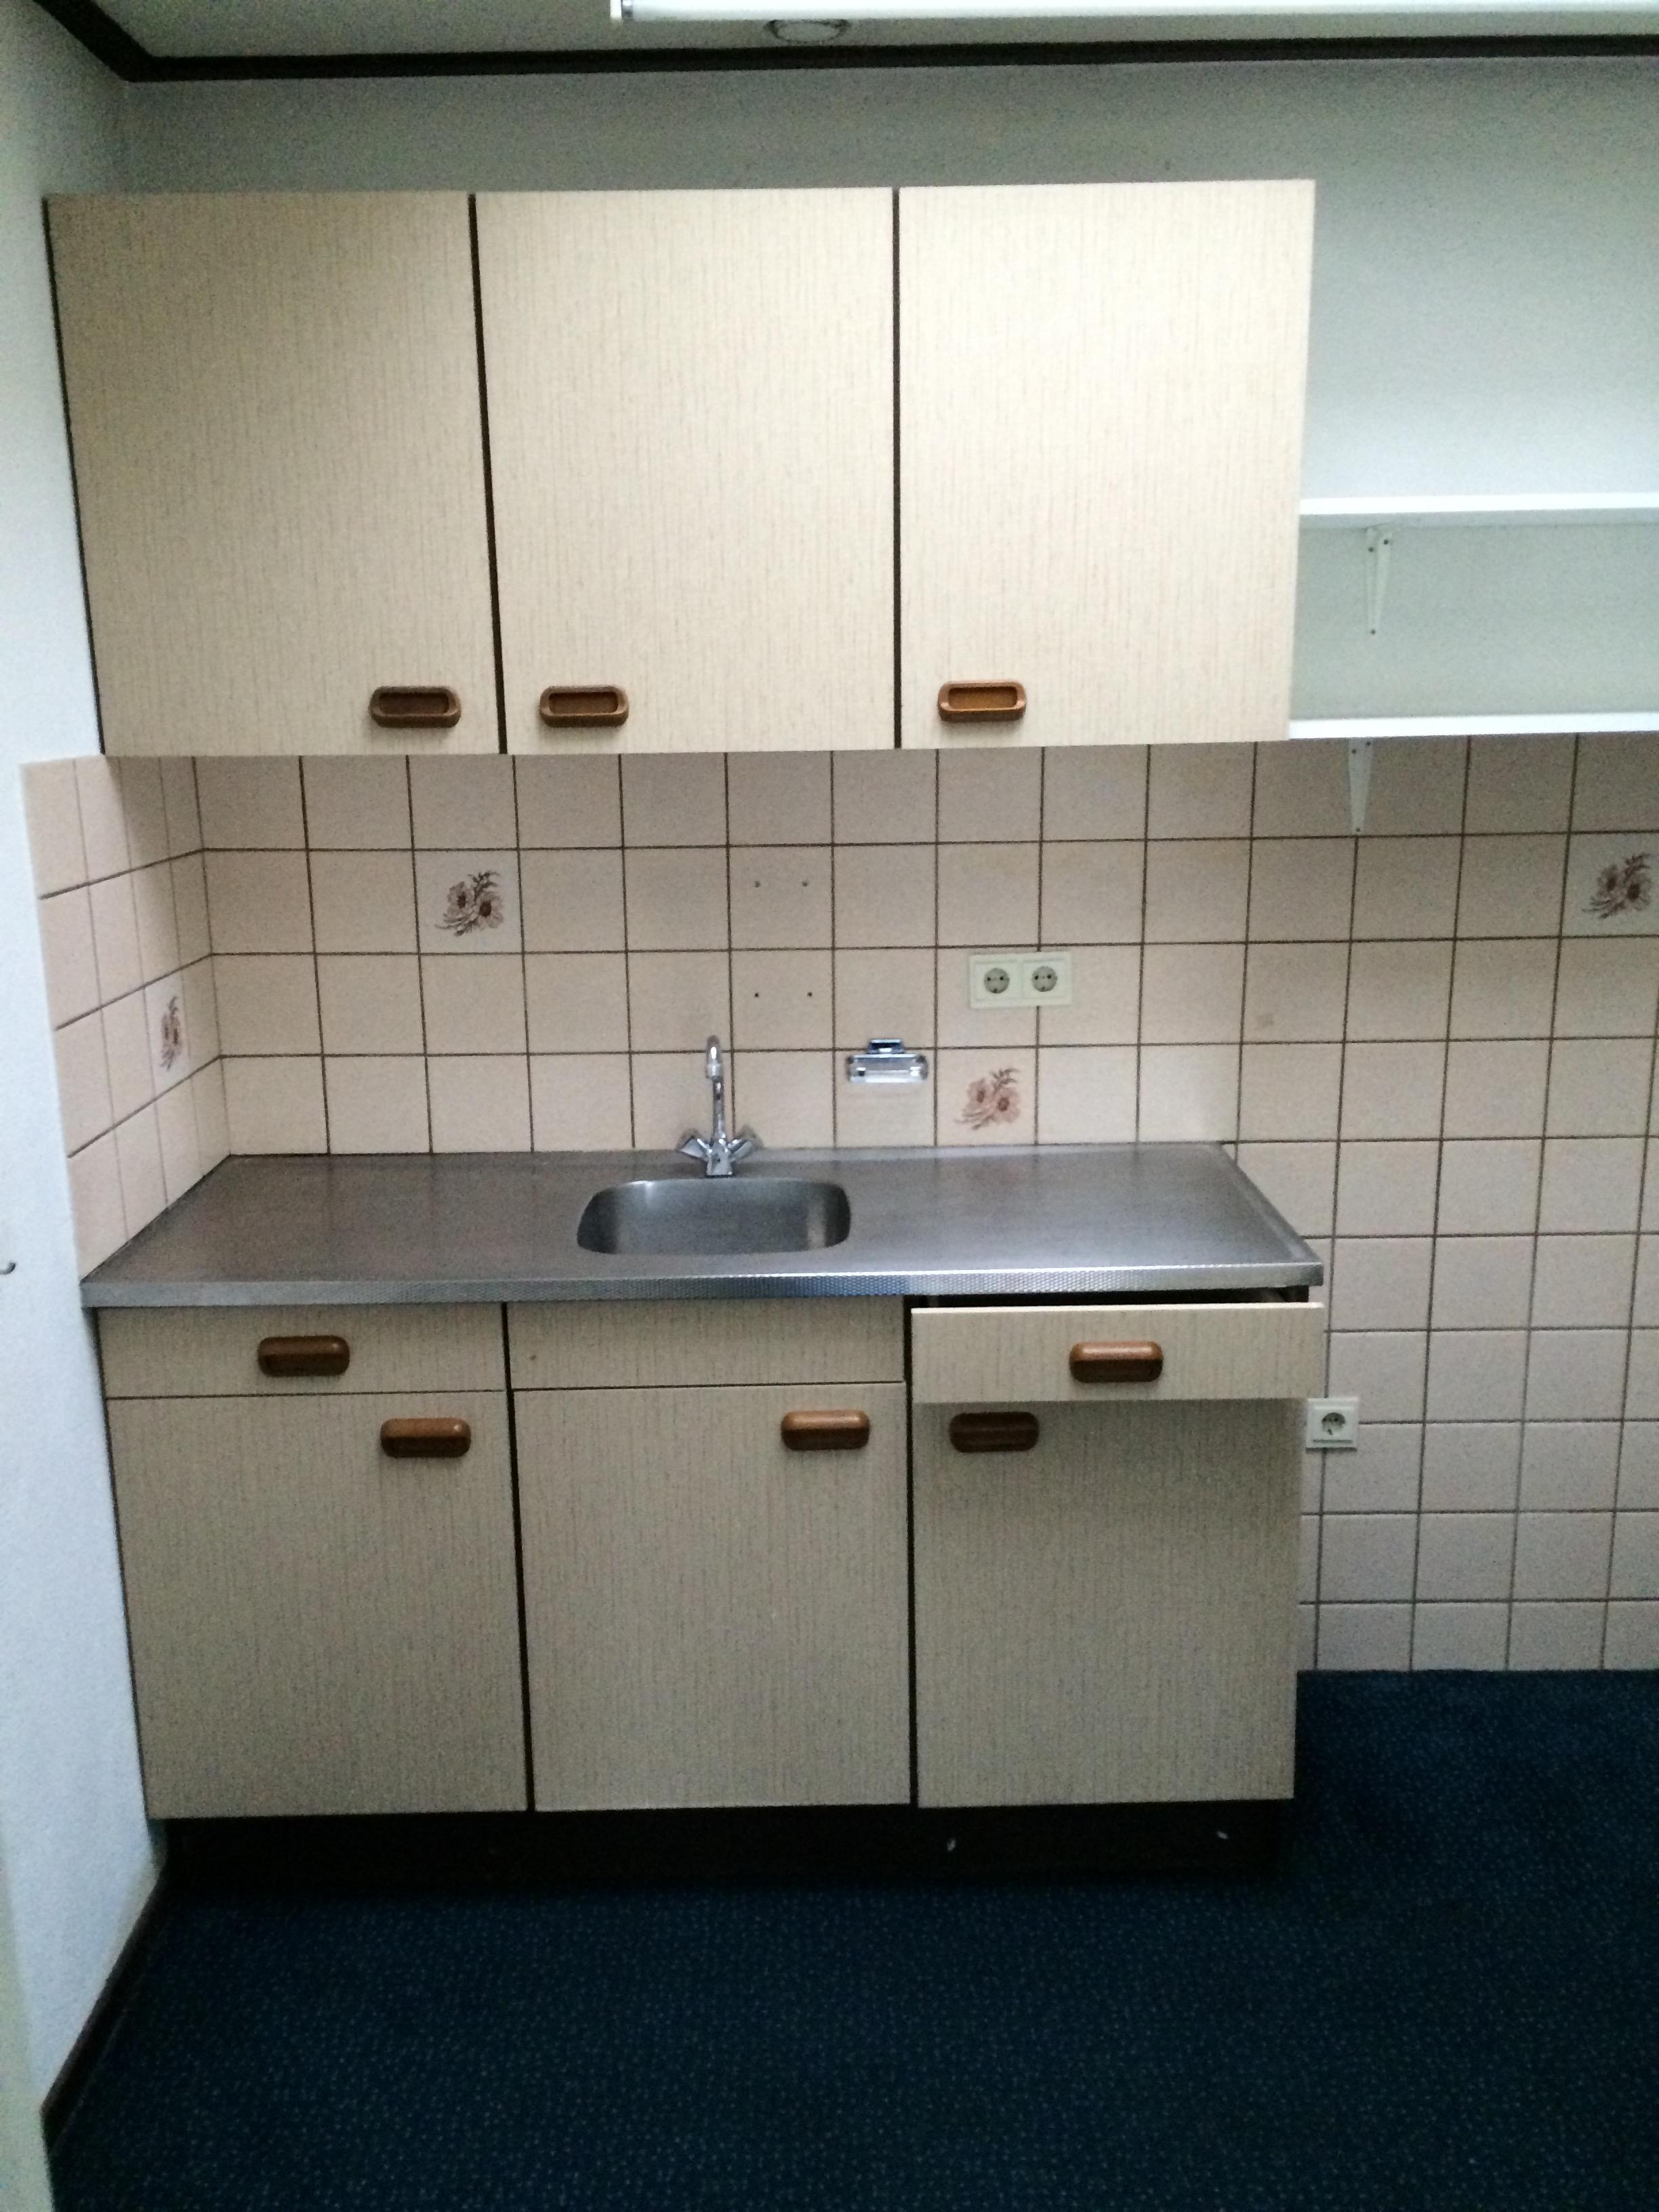 Te huur 2044 ruim appartement in het centrum van enschede twents vast enschede - Center meubilair keuken ...